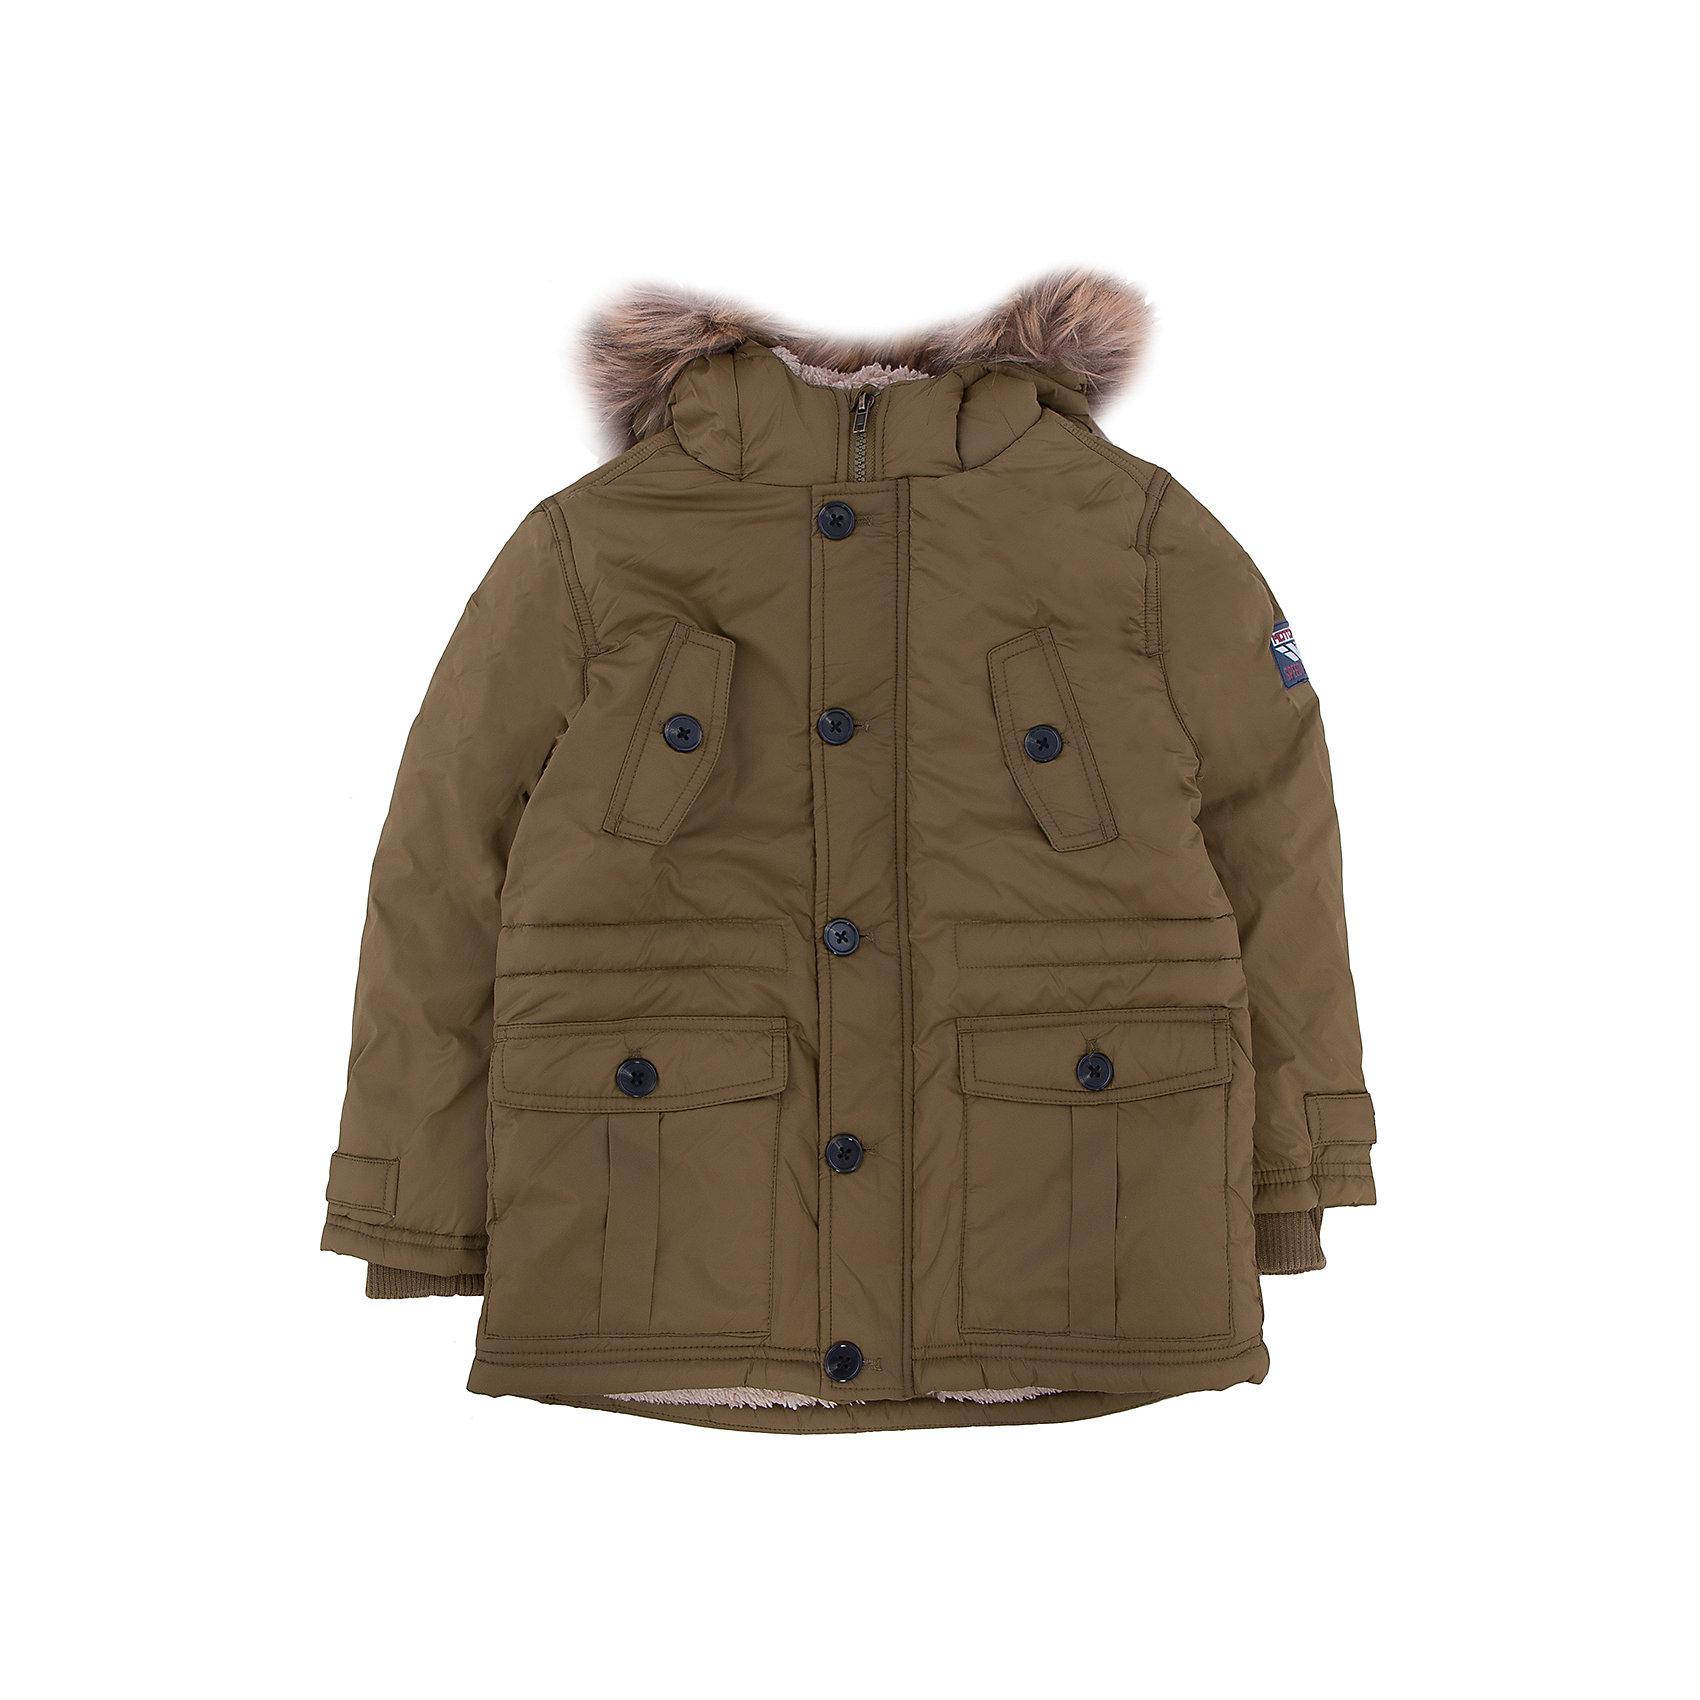 Куртка для мальчика SELAВерхняя одежда<br>Верхняя одежда от SELA - это качество и отличные цены. Куртка для мальчика из новой коллекции подготовит гардероб ребенка к осенним холодам. Цветовое решение куртки не оставит равнодушным никого.  Модель не только стильная, но и функциональная.  У куртки две пары карманов и резинка на рукавах, которая защитит руки от ветра.<br>Все материалы, использованные в создании изделия,  отвечают современным требованиям по качеству и безопасности продукции. <br><br>Дополнительная информация:<br><br>цвет: хаки;<br>состав: подкладка - 100% нейлон, подкладка (рукава) - 100% ПЭ, утеплитель - 100% ПЭ, мех -  100% ПЭ;<br>длина до середины бедра;<br>силуэт прямой;<br>капюшон притачной.<br><br>Куртку для мальчика от компании SELA можно купить в нашем магазине.<br><br>Ширина мм: 356<br>Глубина мм: 10<br>Высота мм: 245<br>Вес г: 519<br>Цвет: коричневый<br>Возраст от месяцев: 24<br>Возраст до месяцев: 36<br>Пол: Мужской<br>Возраст: Детский<br>Размер: 98,116,104,110<br>SKU: 4912979